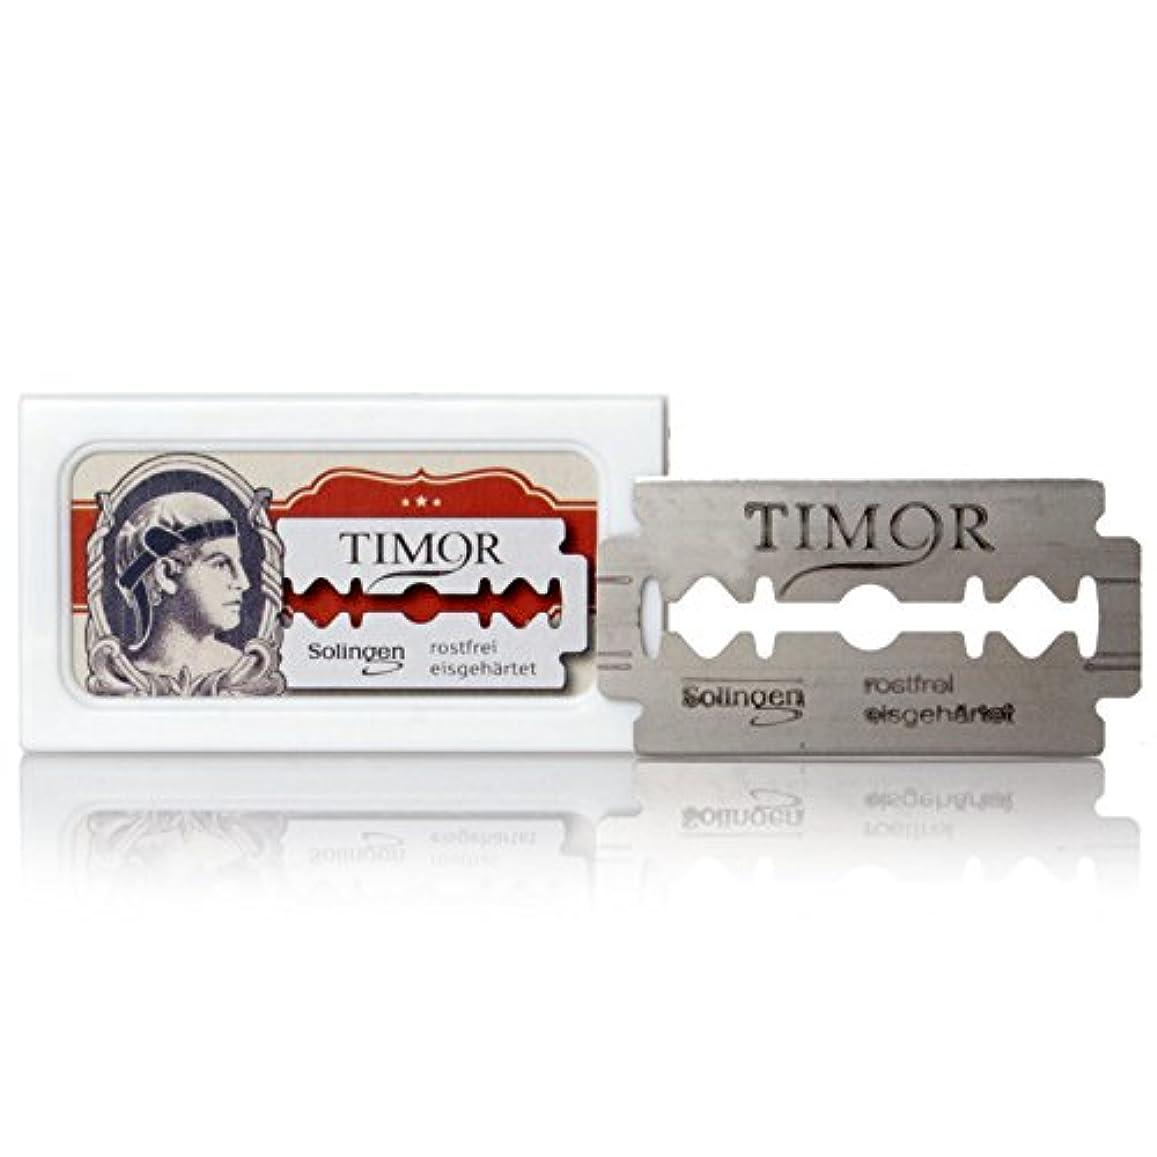 メタルライン良さ彼女はTimor - razor blades, stainless, 10 pieces